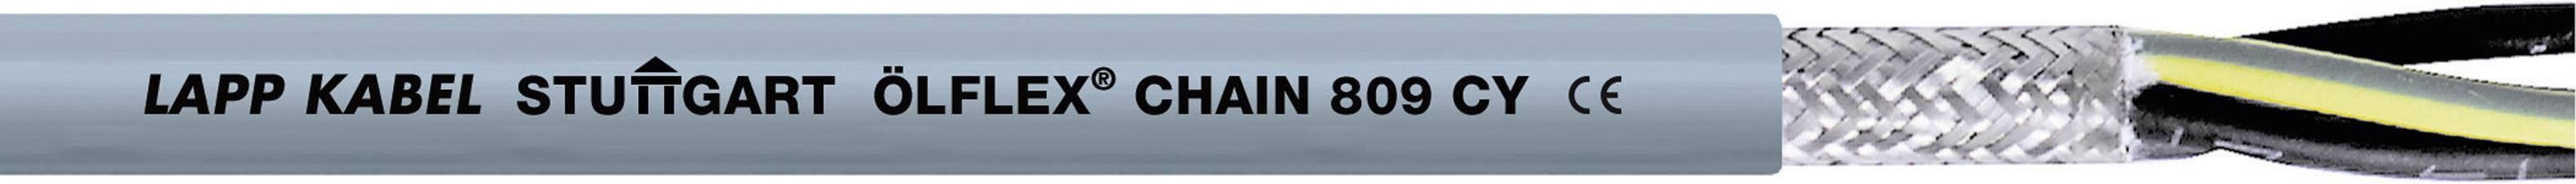 Žíla kabelu LappKabel ÖLFLEX CHAIN 809 CY 5G0,75 (1026762), 5x 0,75 mm², PVC, Ø 7,7 mm, stíněný, 50 m, šedá